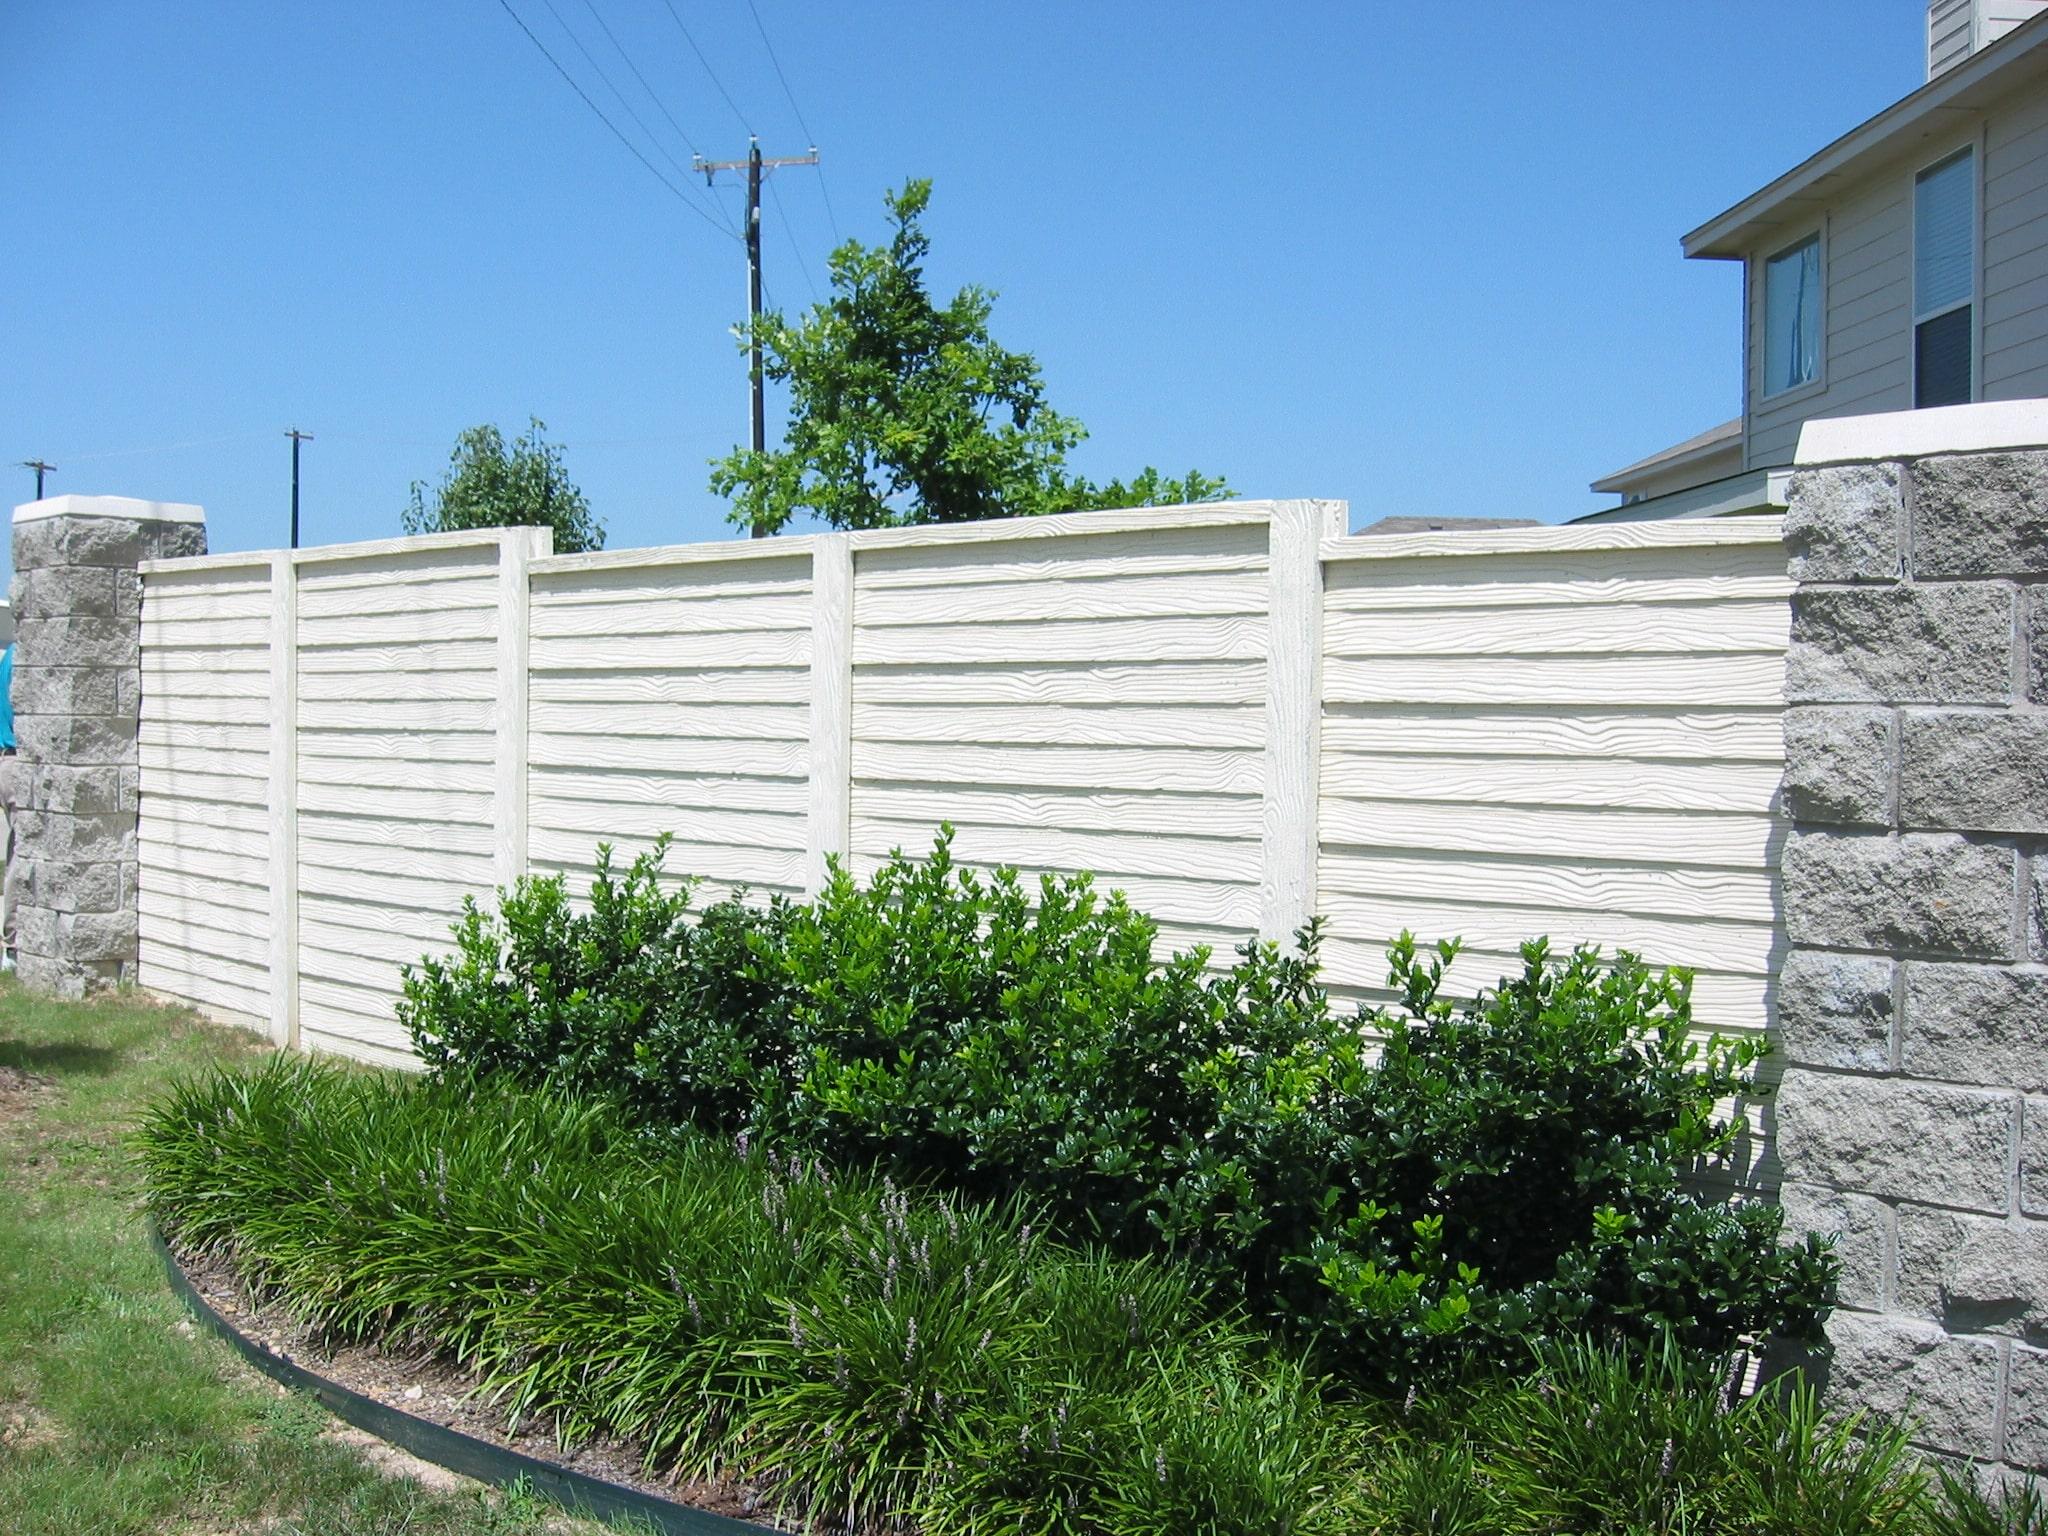 Residential Precast Concrete Fence